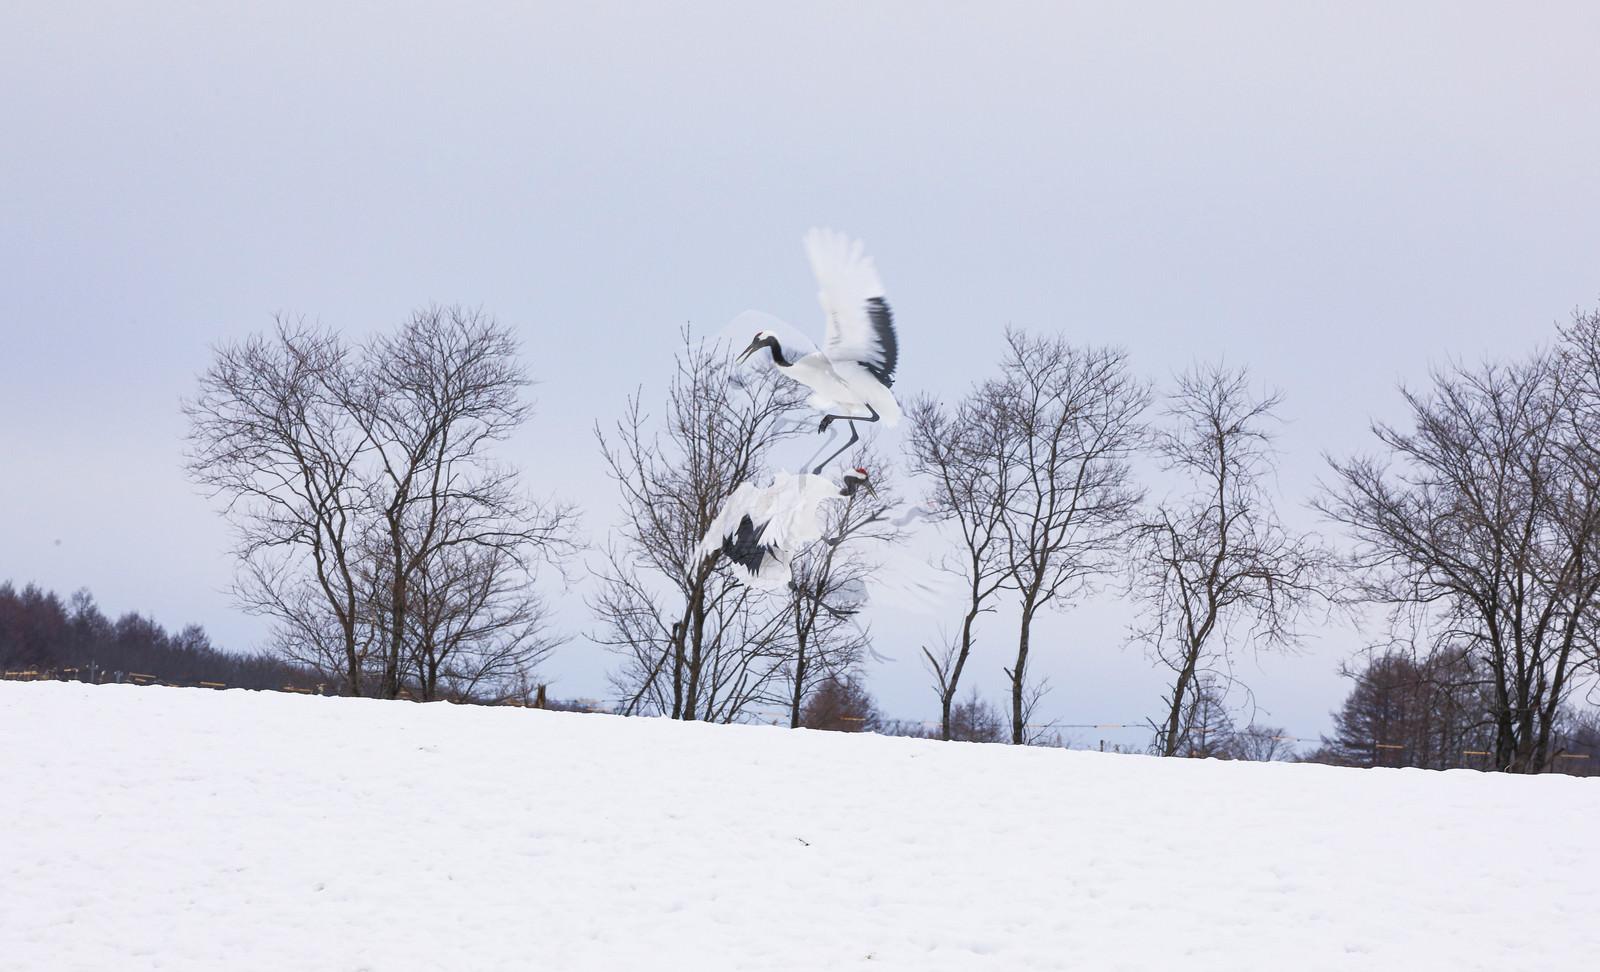 「飛びかかり喧嘩する鶴」の写真